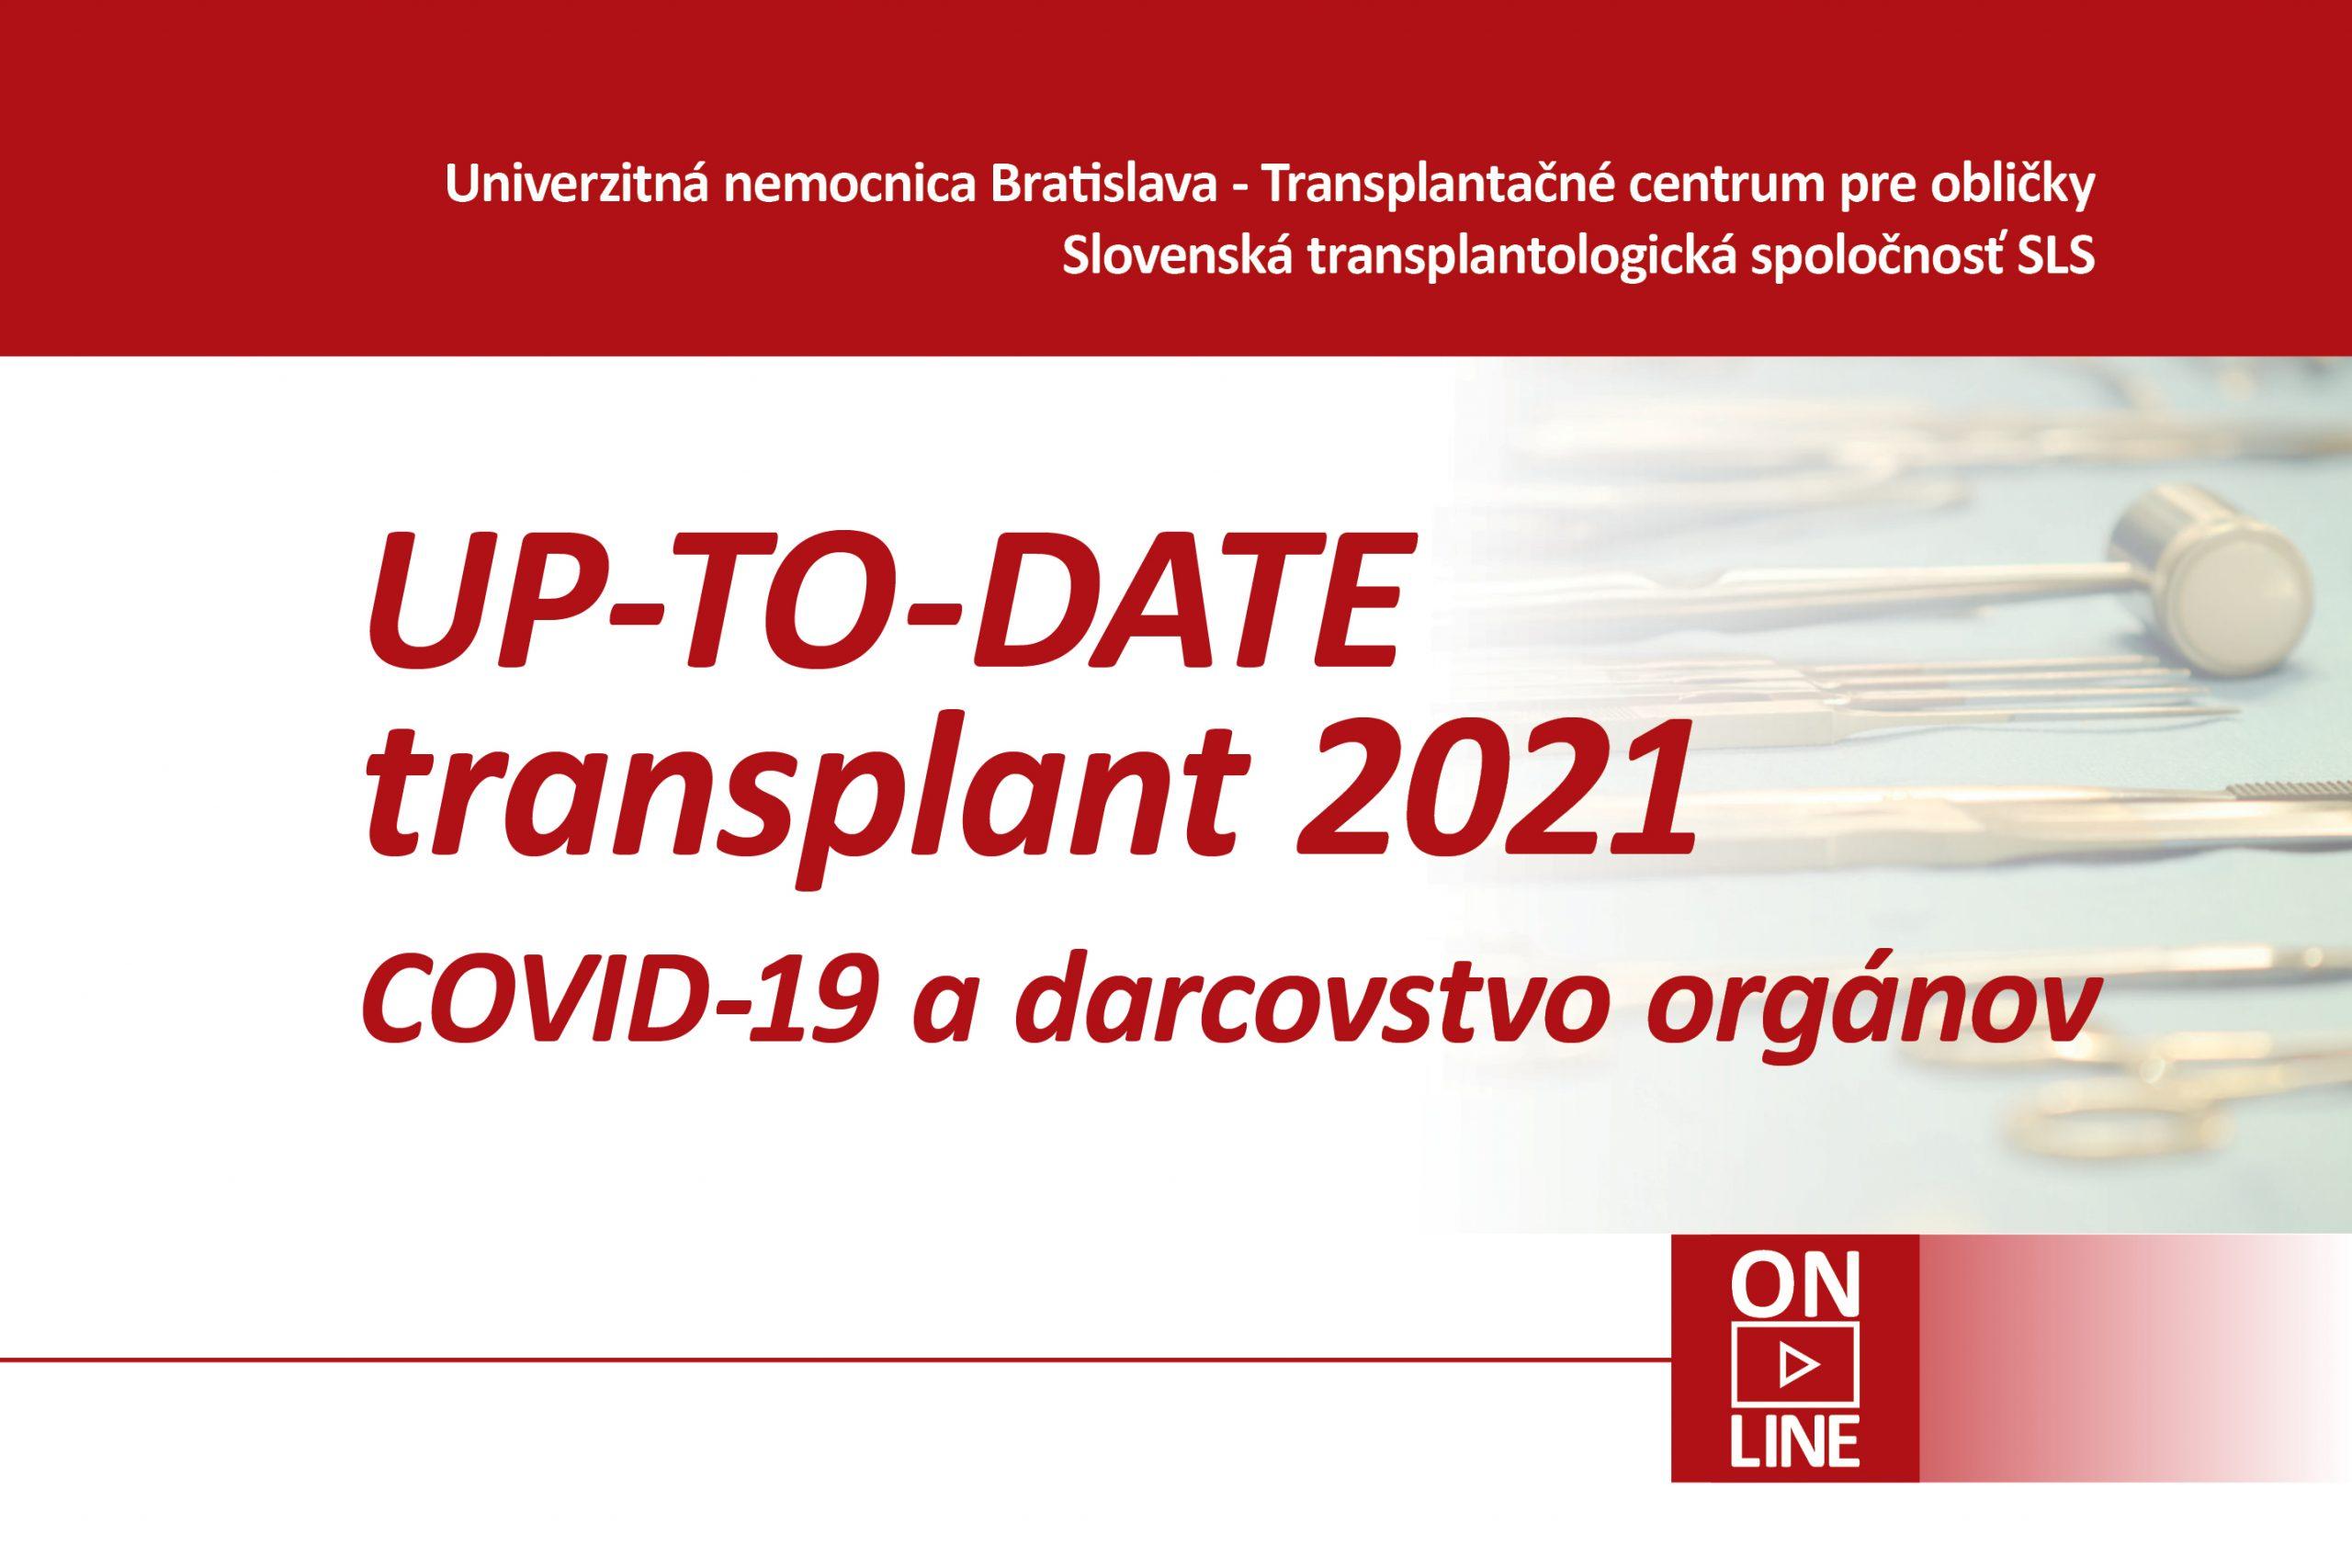 UP-TO-DATE transplant 2021 COVID-19 a darcovstvo orgánov